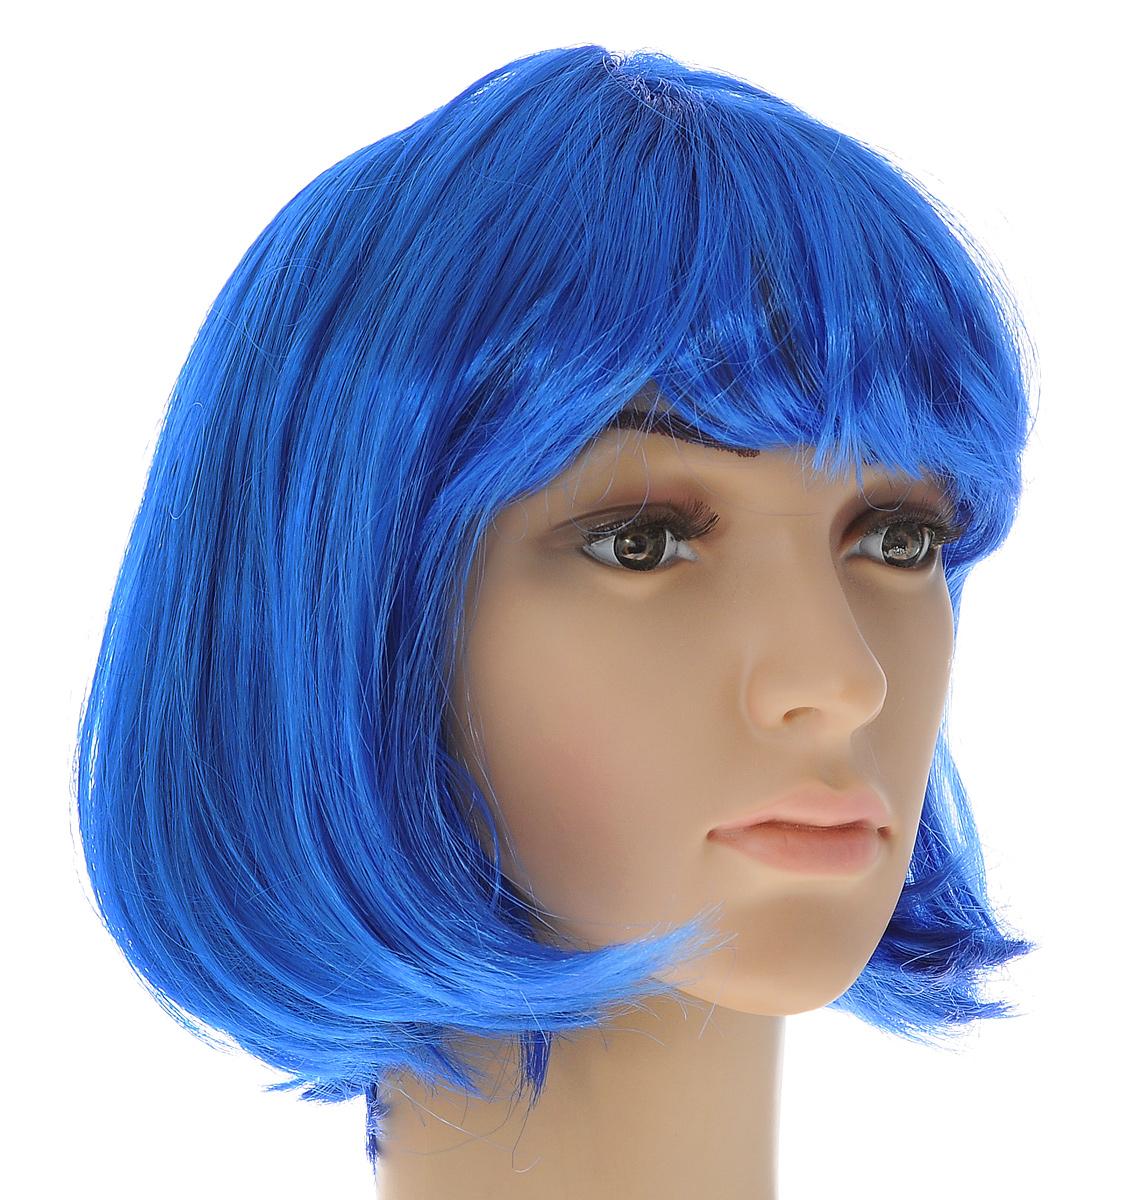 Парик маскарадный Феникс-презент Каре, цвет: синий38755Маскарадный парик Феникс-презент Каре выполнен из полиэстера в виде волос разной длины. В таком парике вы будете выглядеть просто великолепно. Веселое настроение и масса положительных эмоций вам будут обеспечены!Размер: универсальный. Максимальная длина волос: 30 см.